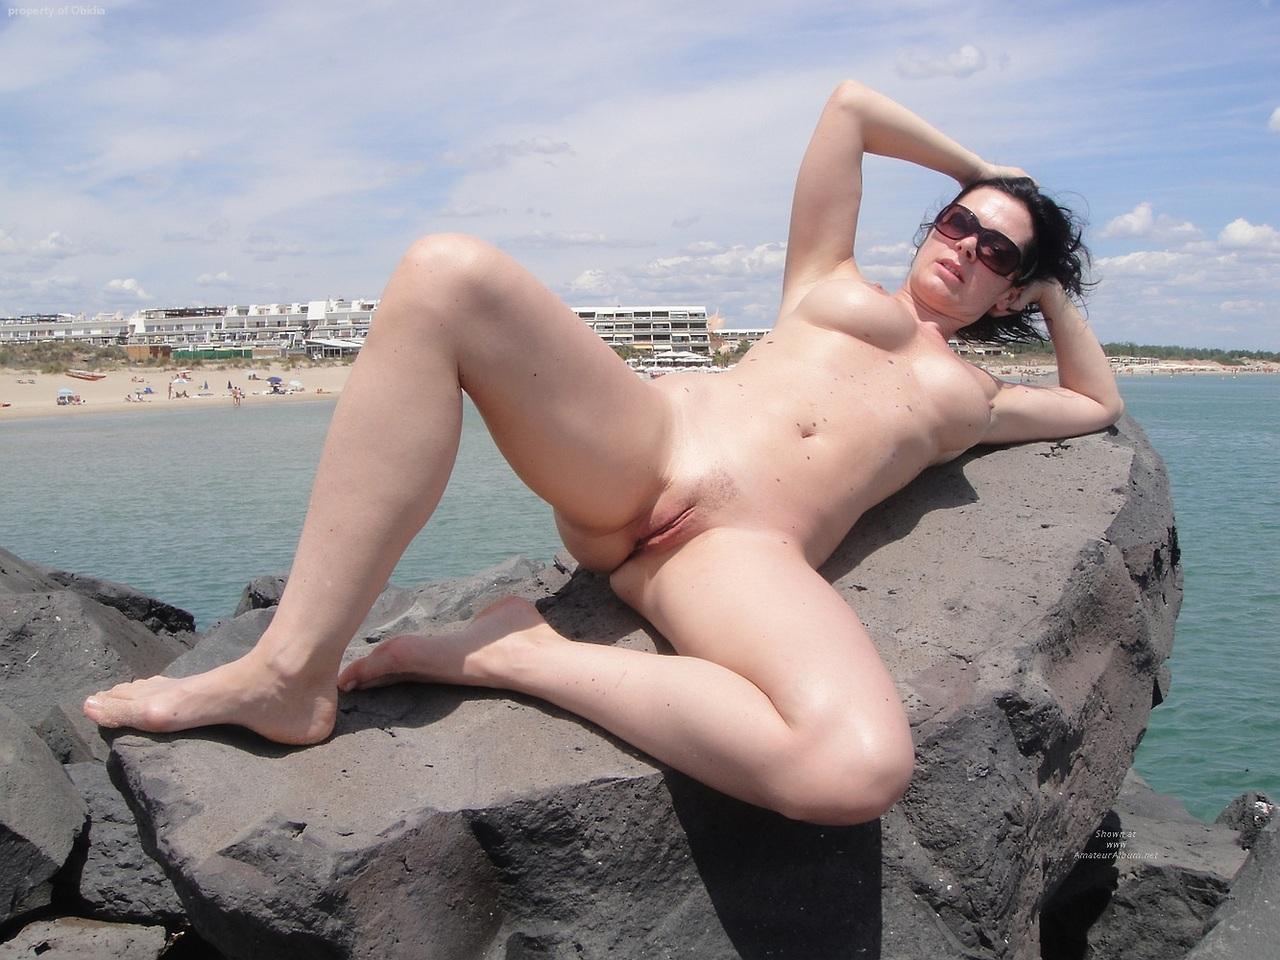 Фото на нудиських пляжах порно 18 фотография